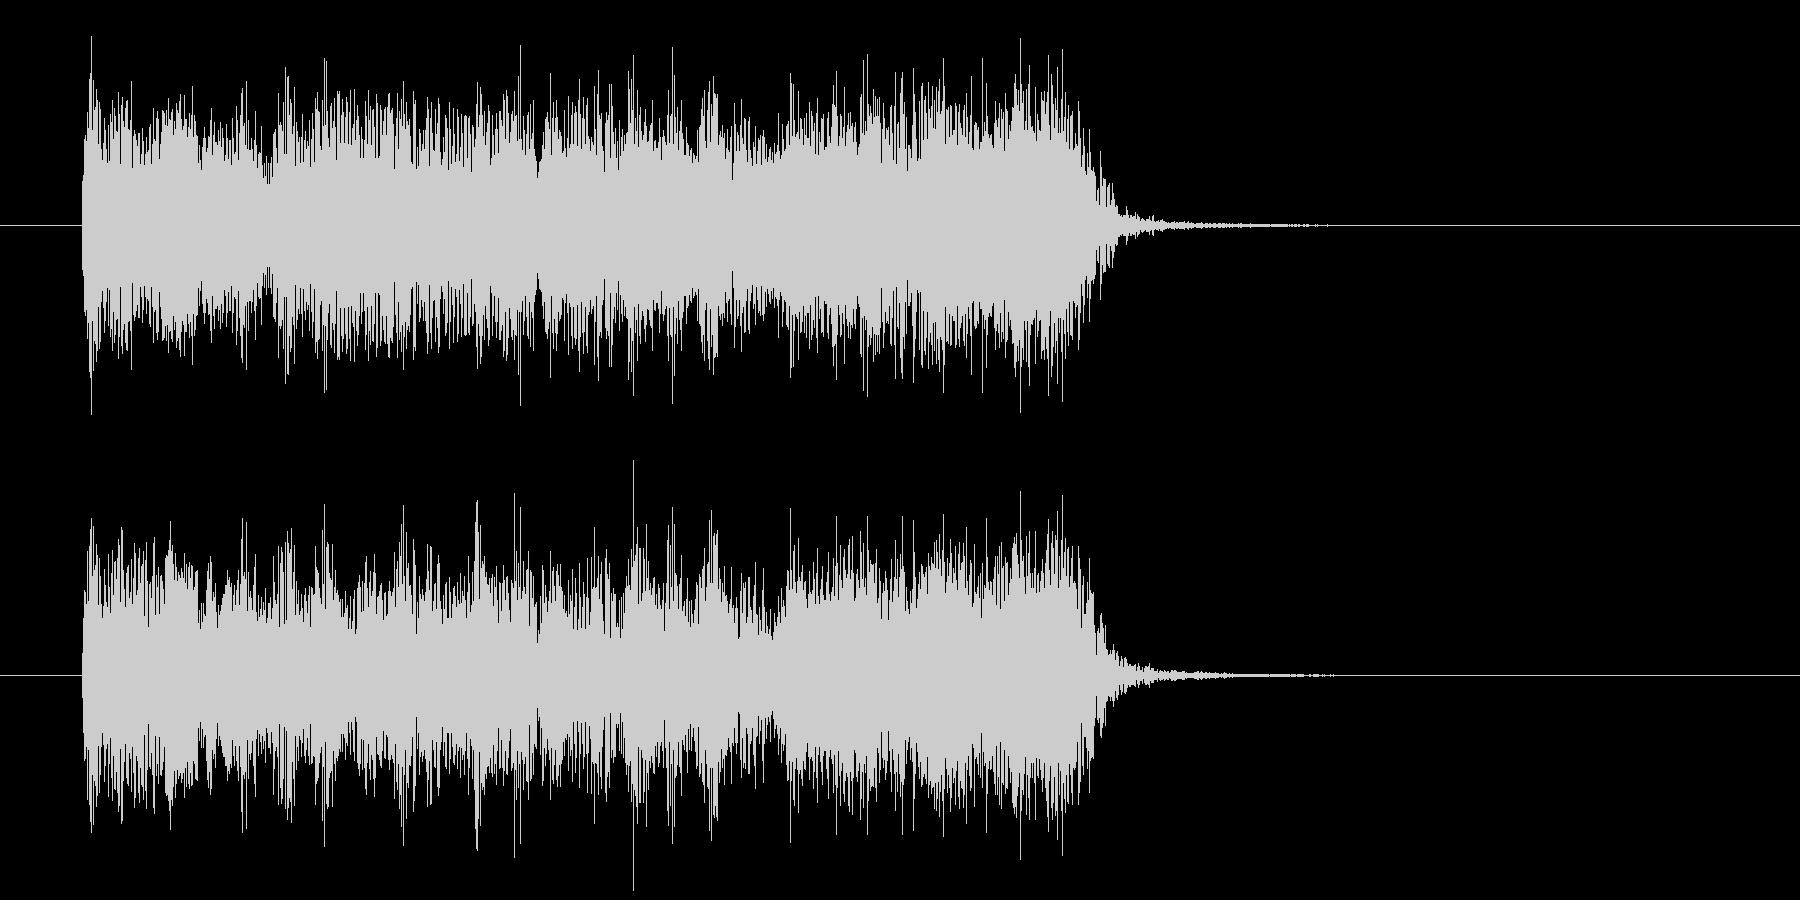 シンセサイザーによる疾走感のあるロックの未再生の波形